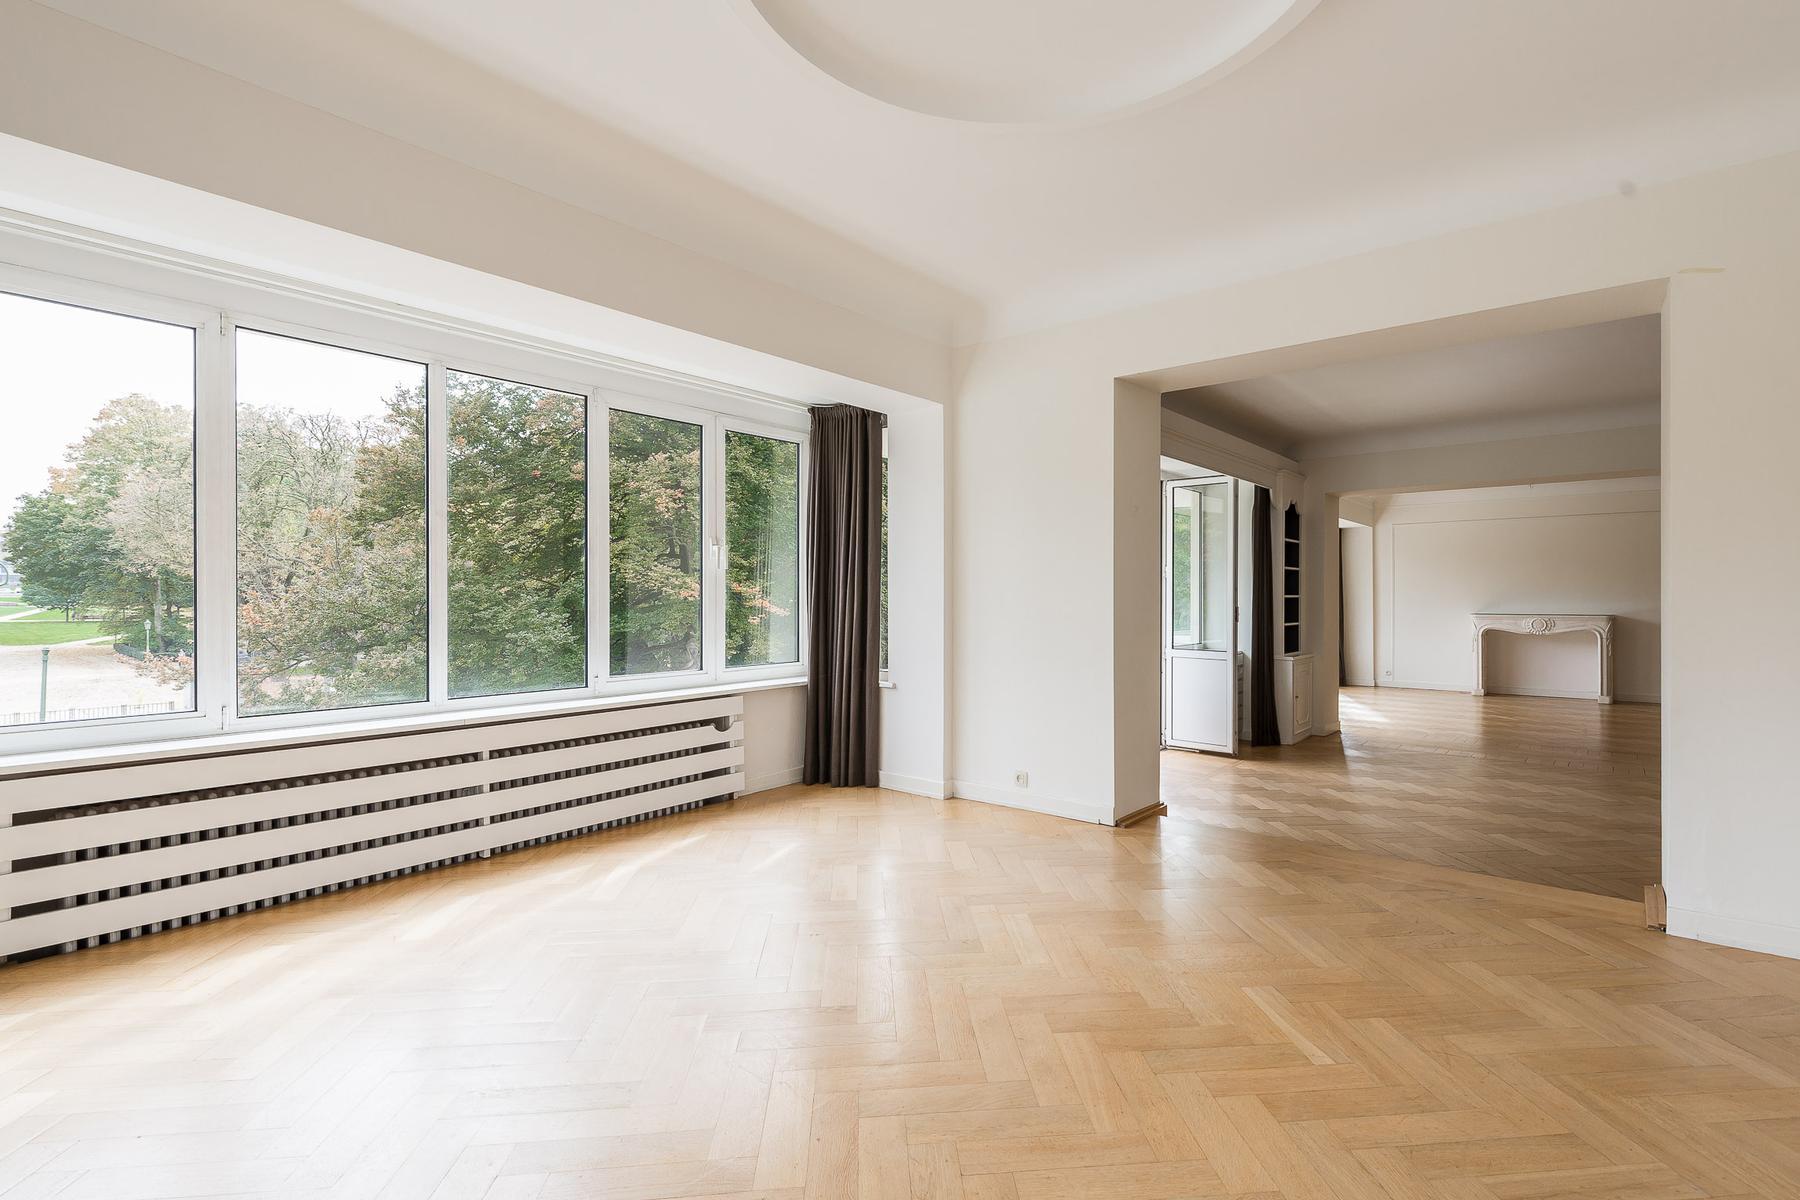 Квартира для того Продажа на Bruxelles I Cinquantenaire Brussels, Brussels, 1000 Бельгия